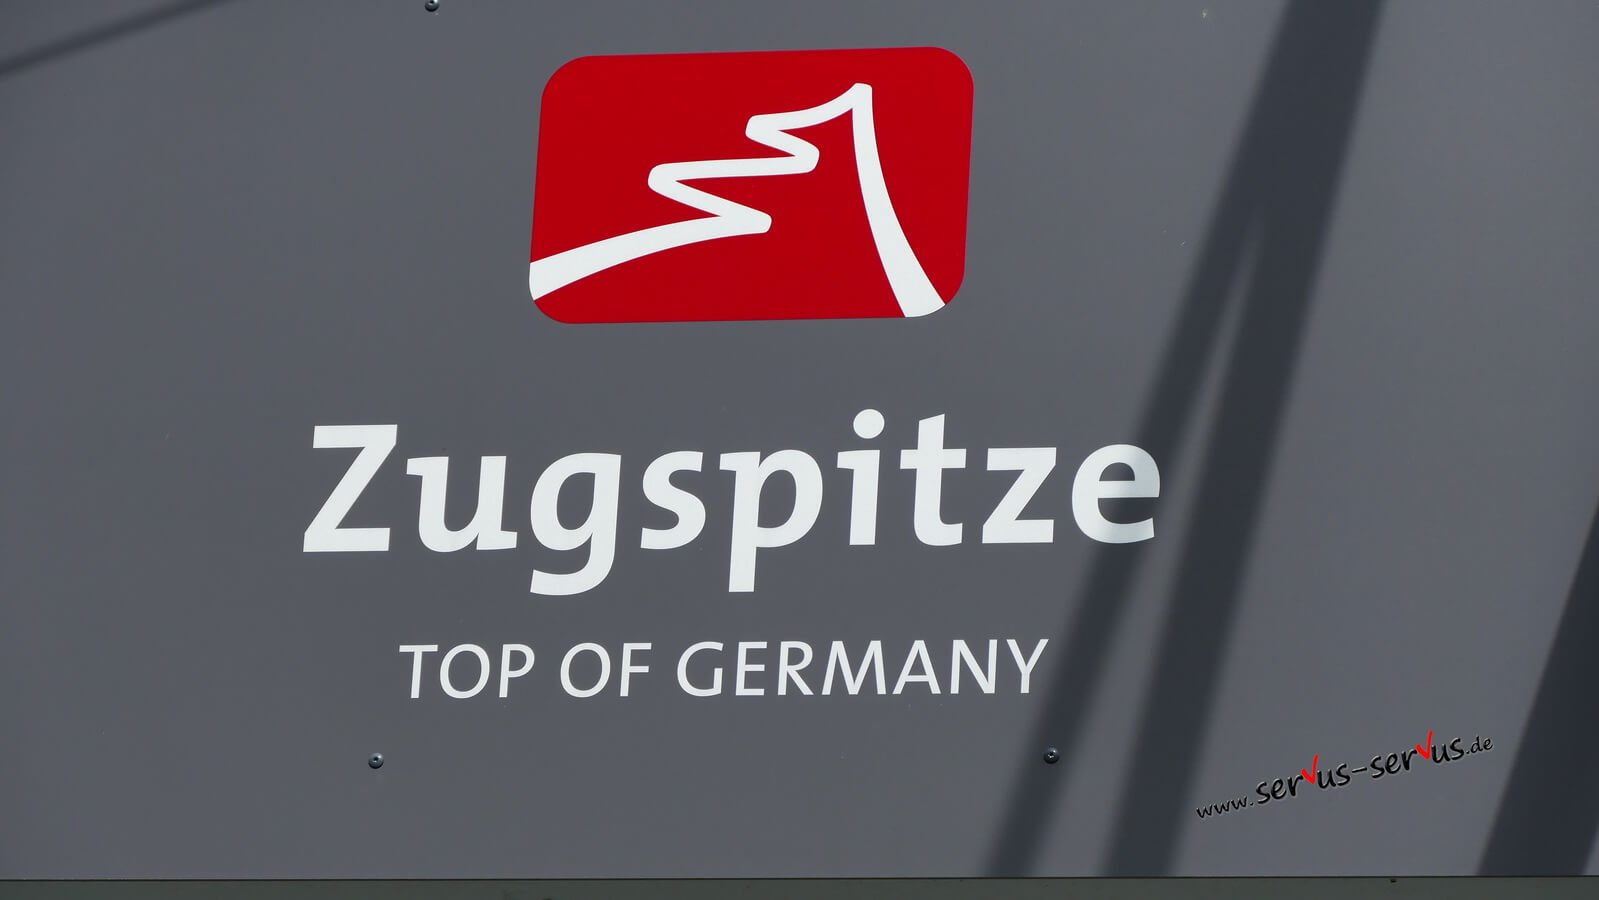 zugspitze logo